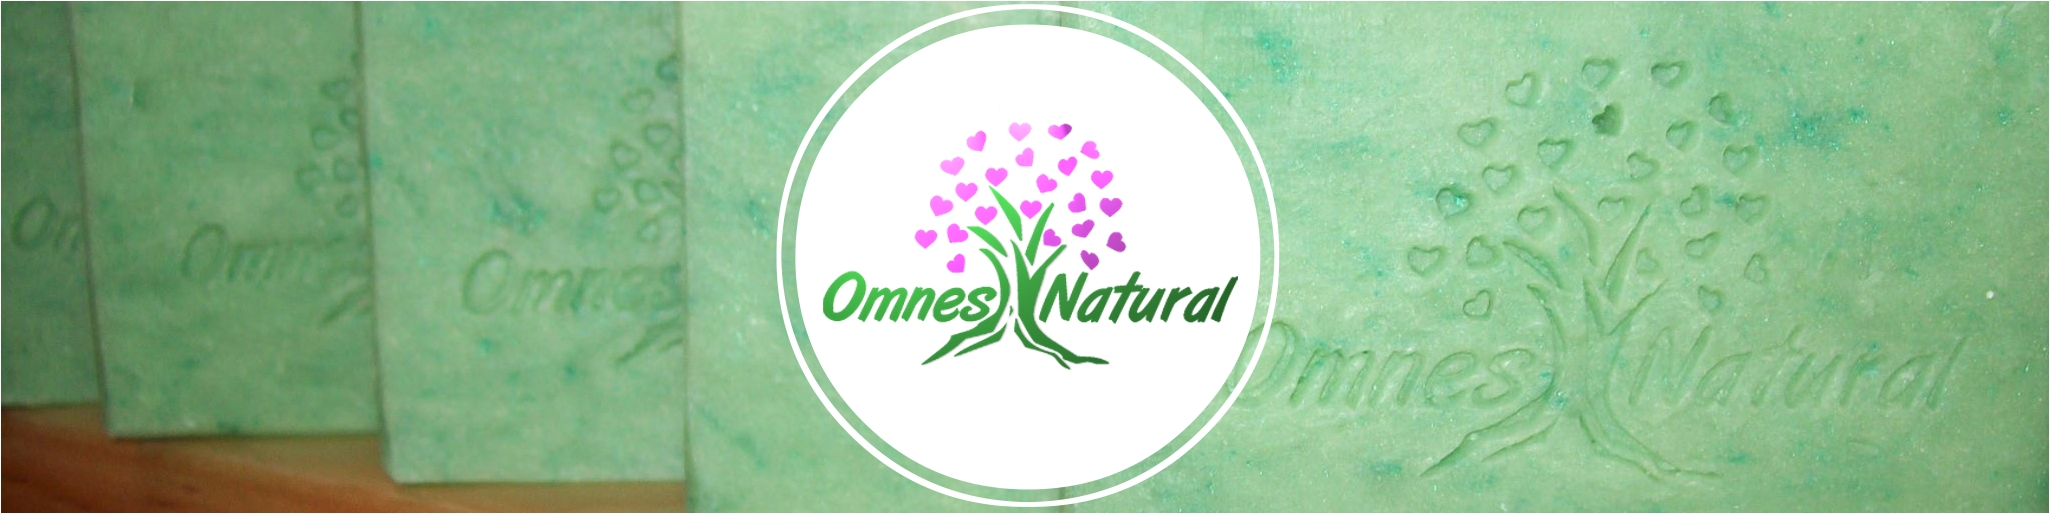 Omnes Natural